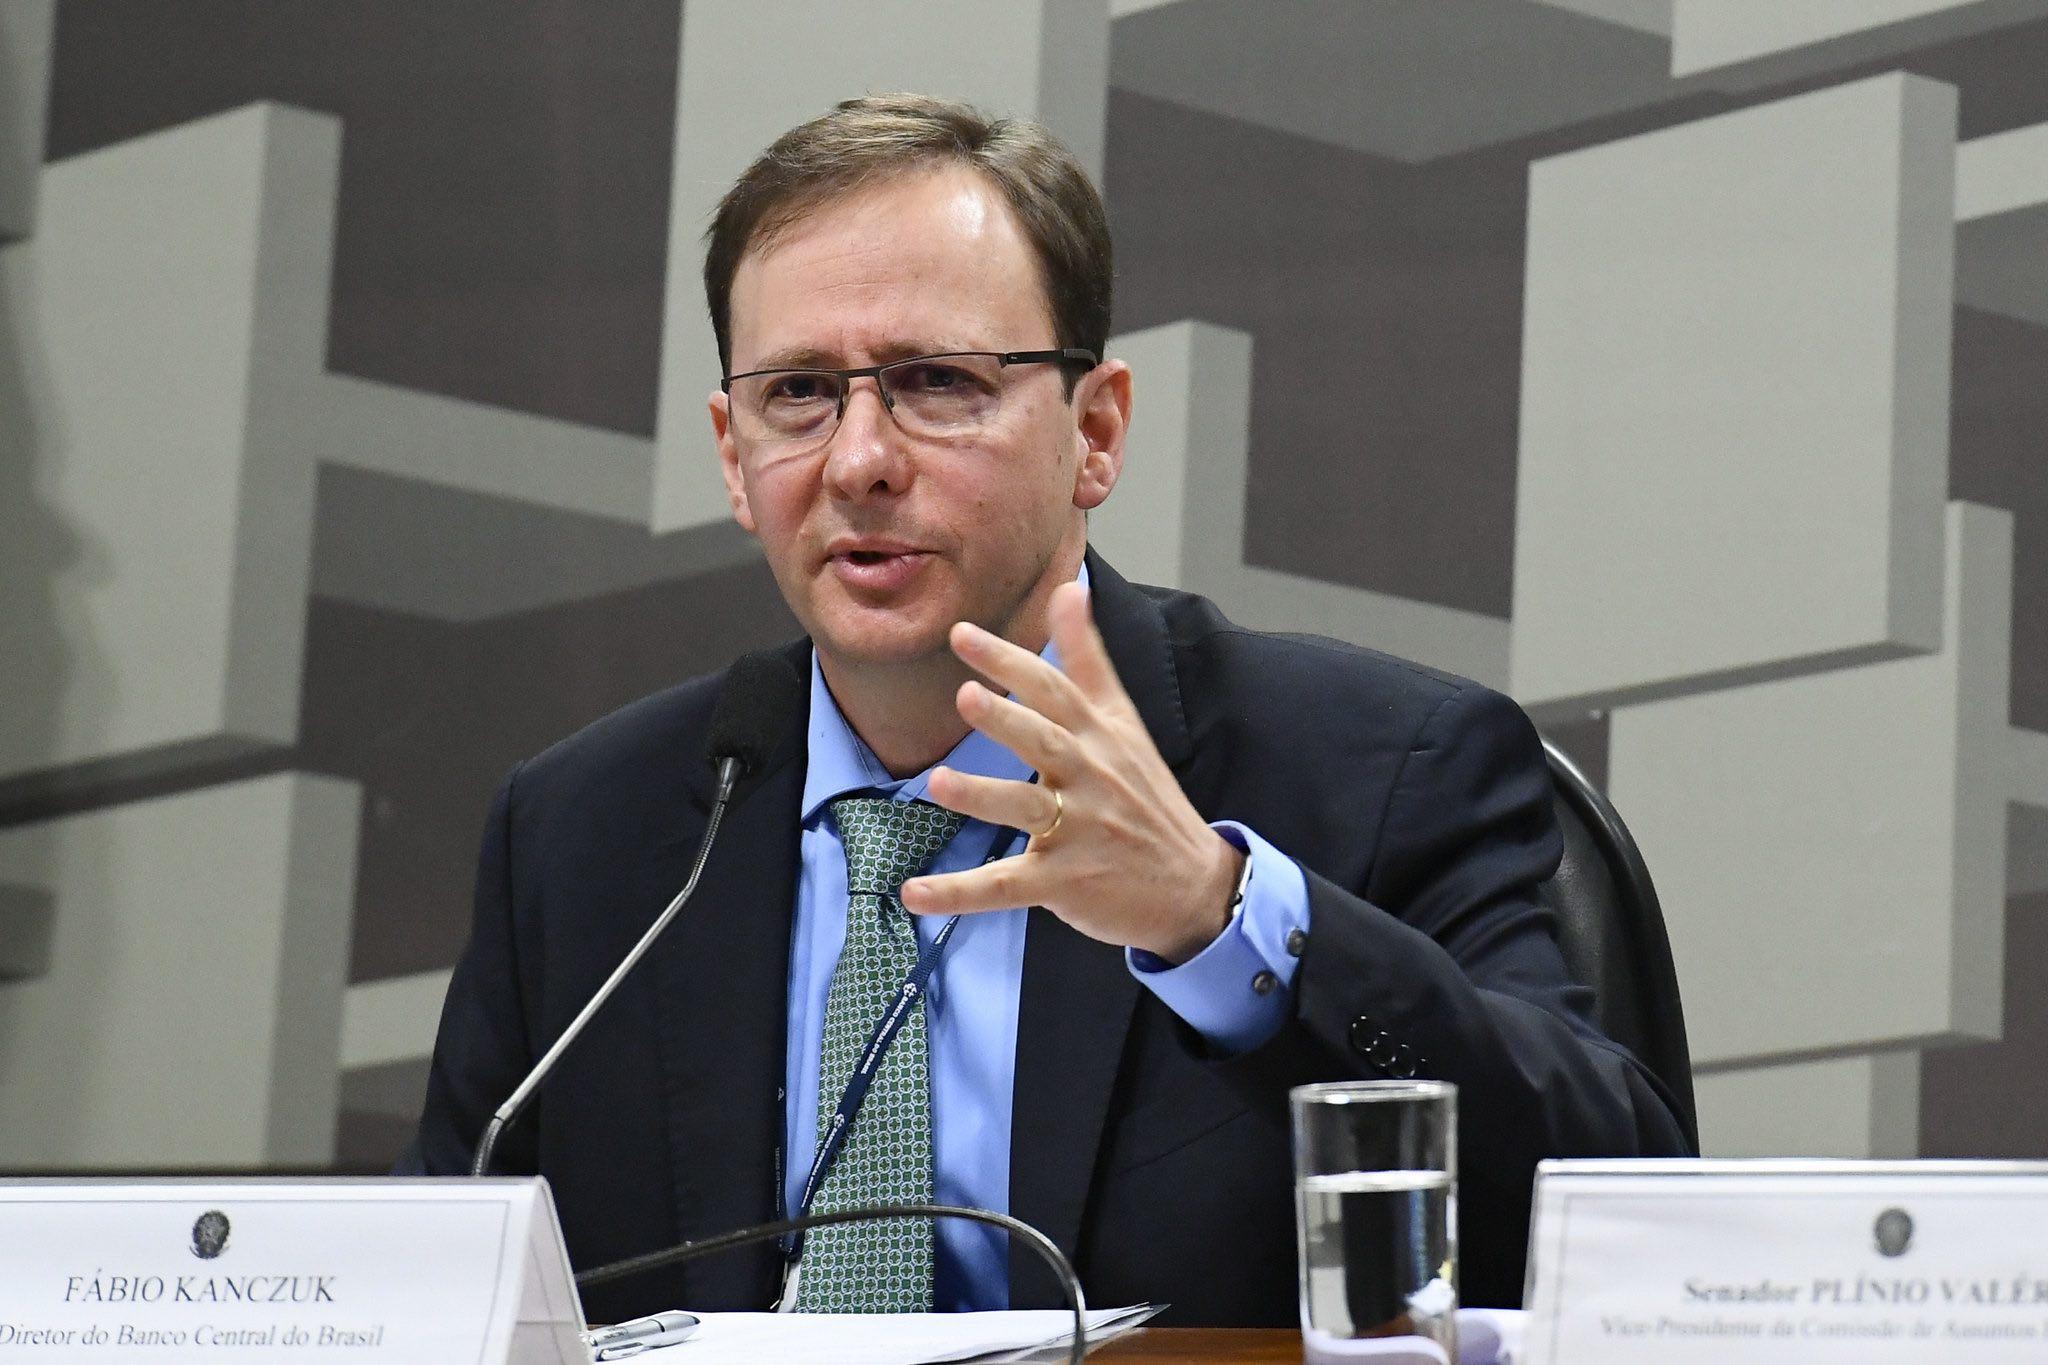 (Segundo Fabio Kanczuk, hoje o BC trabalha com uma taxa nominal neutra de 6,5%, que considera uma taxa real neutra de 3% e uma inflação de 3,5%. Foto: Geraldo Magela/Agência Senado)